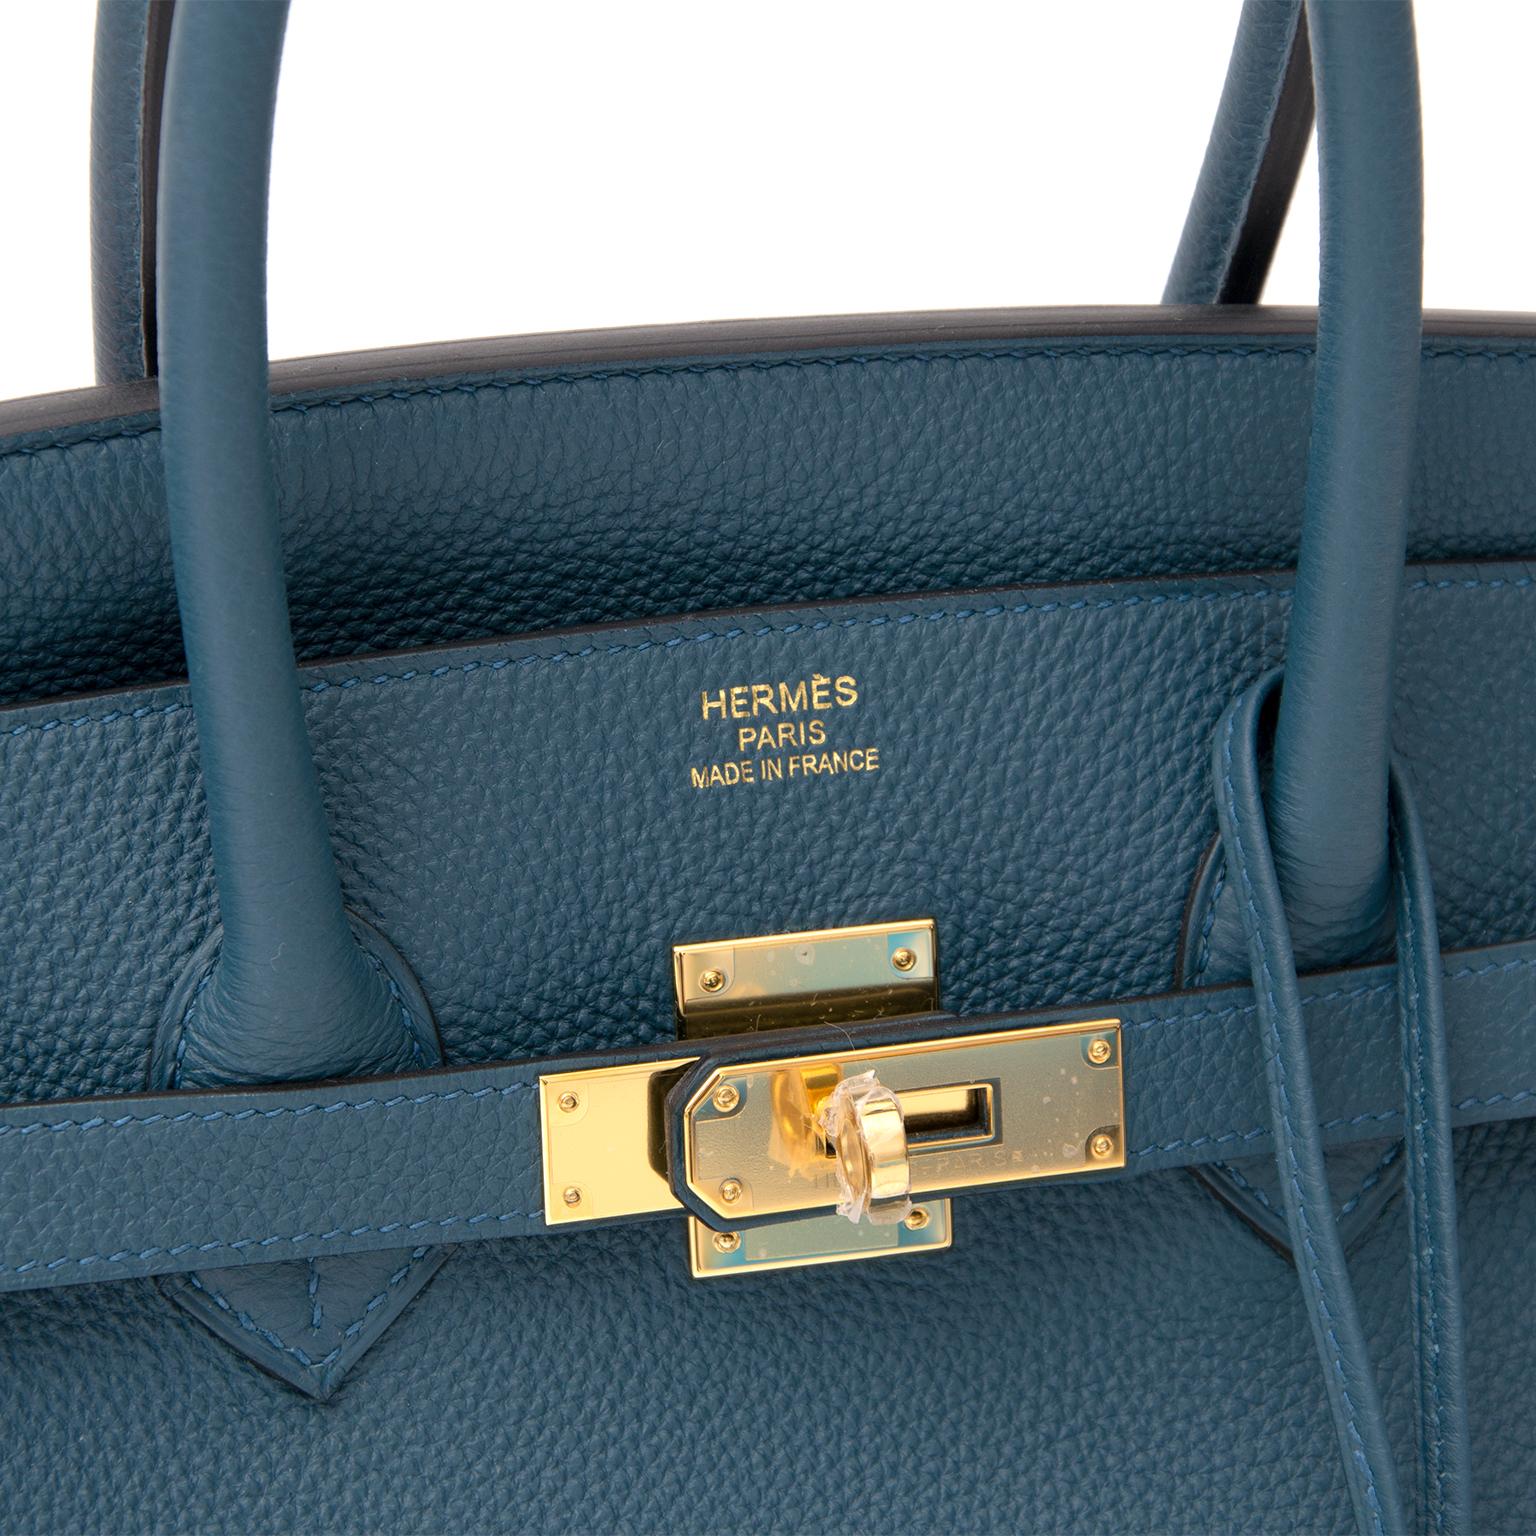 koop veilig online tweedehands Brand New Hermes Birkin 35 Togo Colvert GHW  aan de beste prijs acheter safe et secure sac a main Brand New Hermes Birkin  35 ... b480c3c3c7f0f